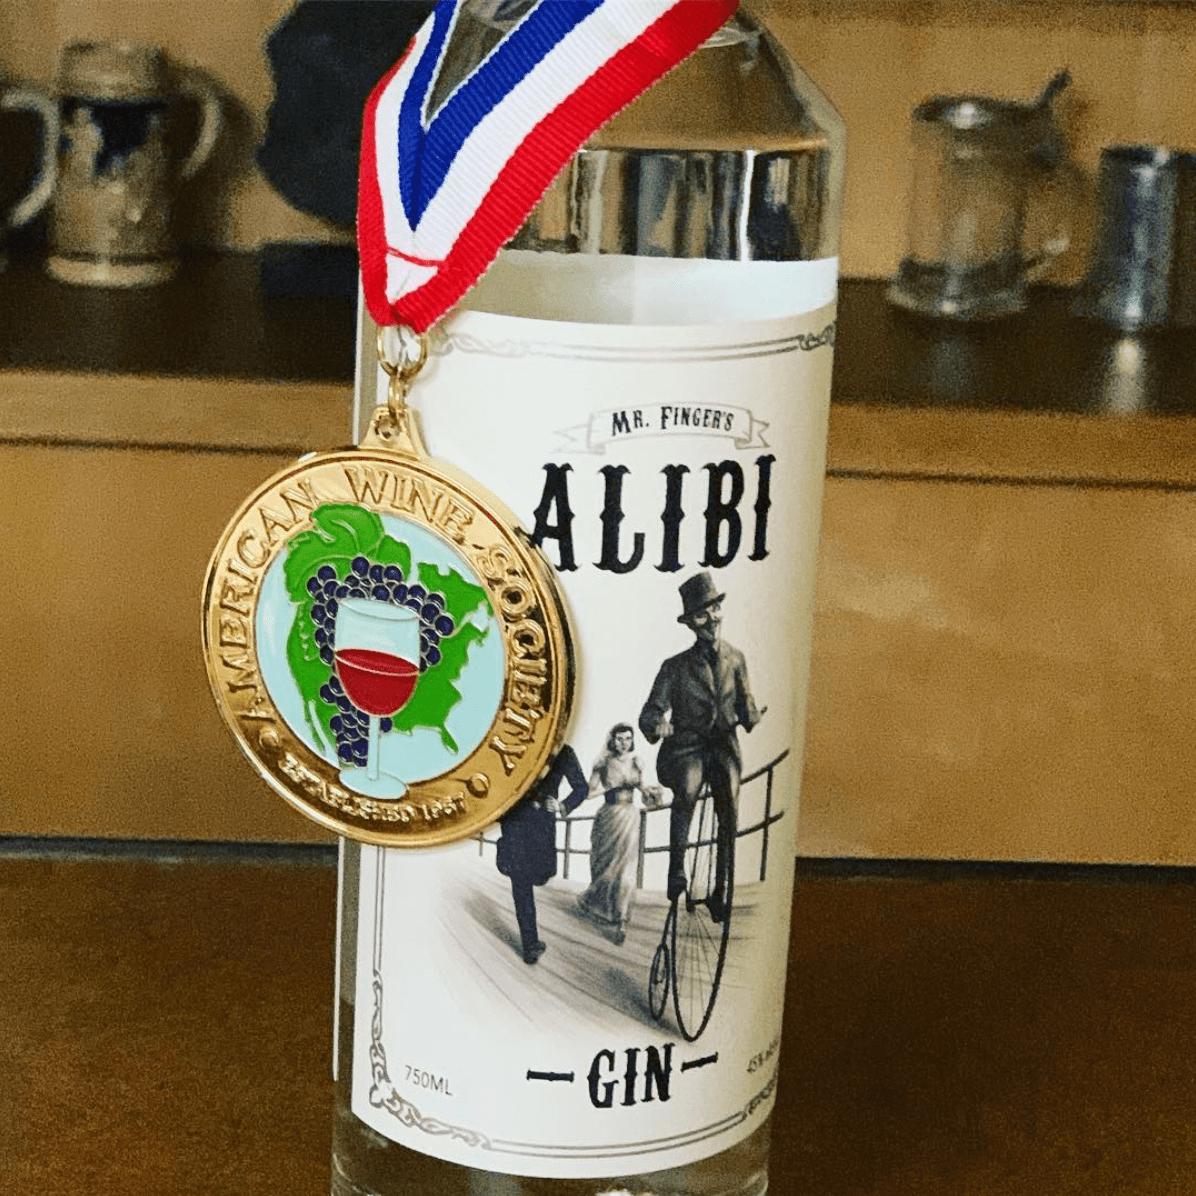 alibi-gin-award-winning-1.png